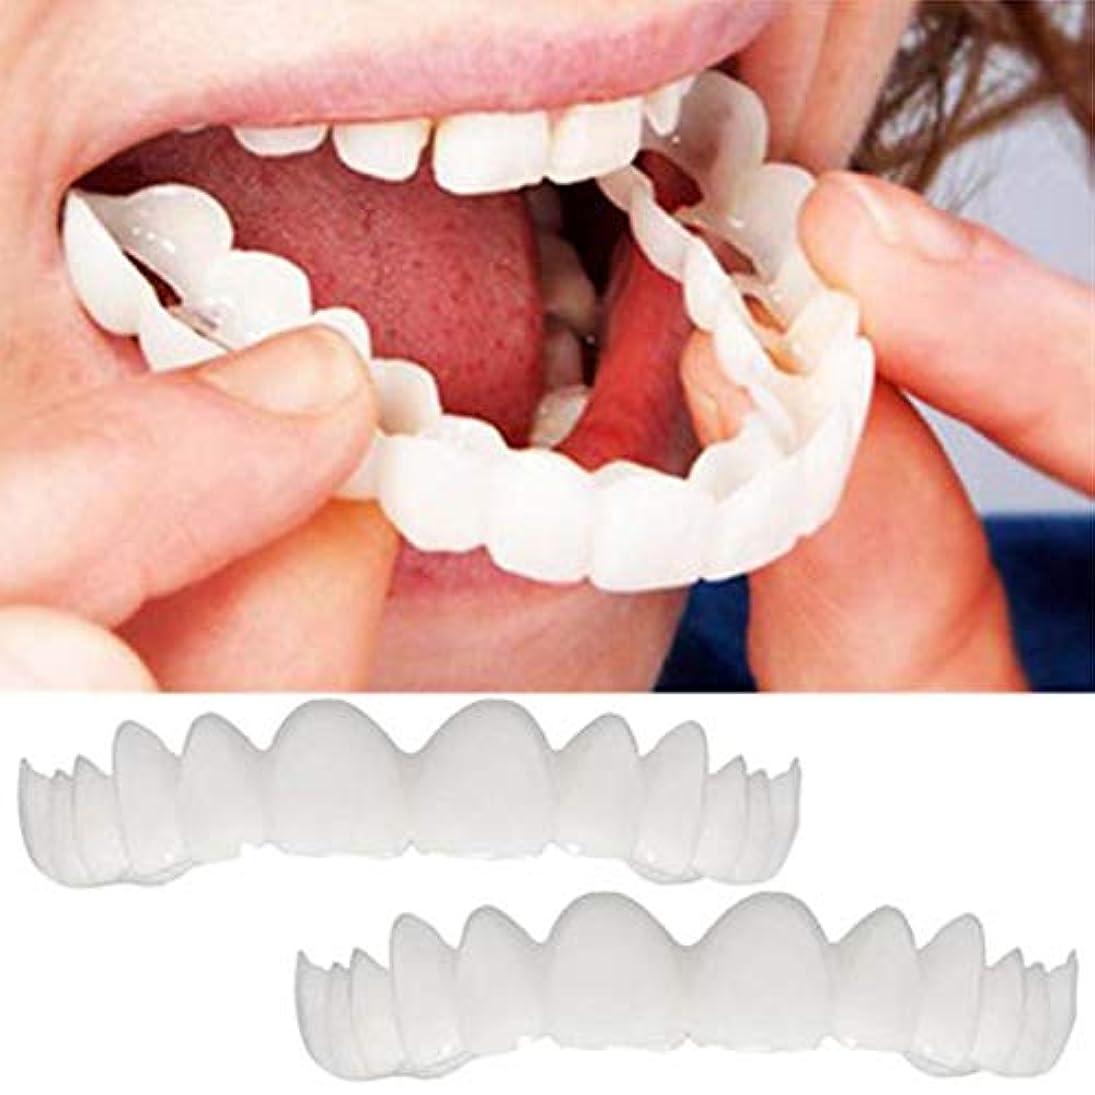 市民権貫通リスク化粧品の歯、白い歯をきれいにするための快適なフィットフレックス歯のソケット、超快適、快適なフィット感、2セット